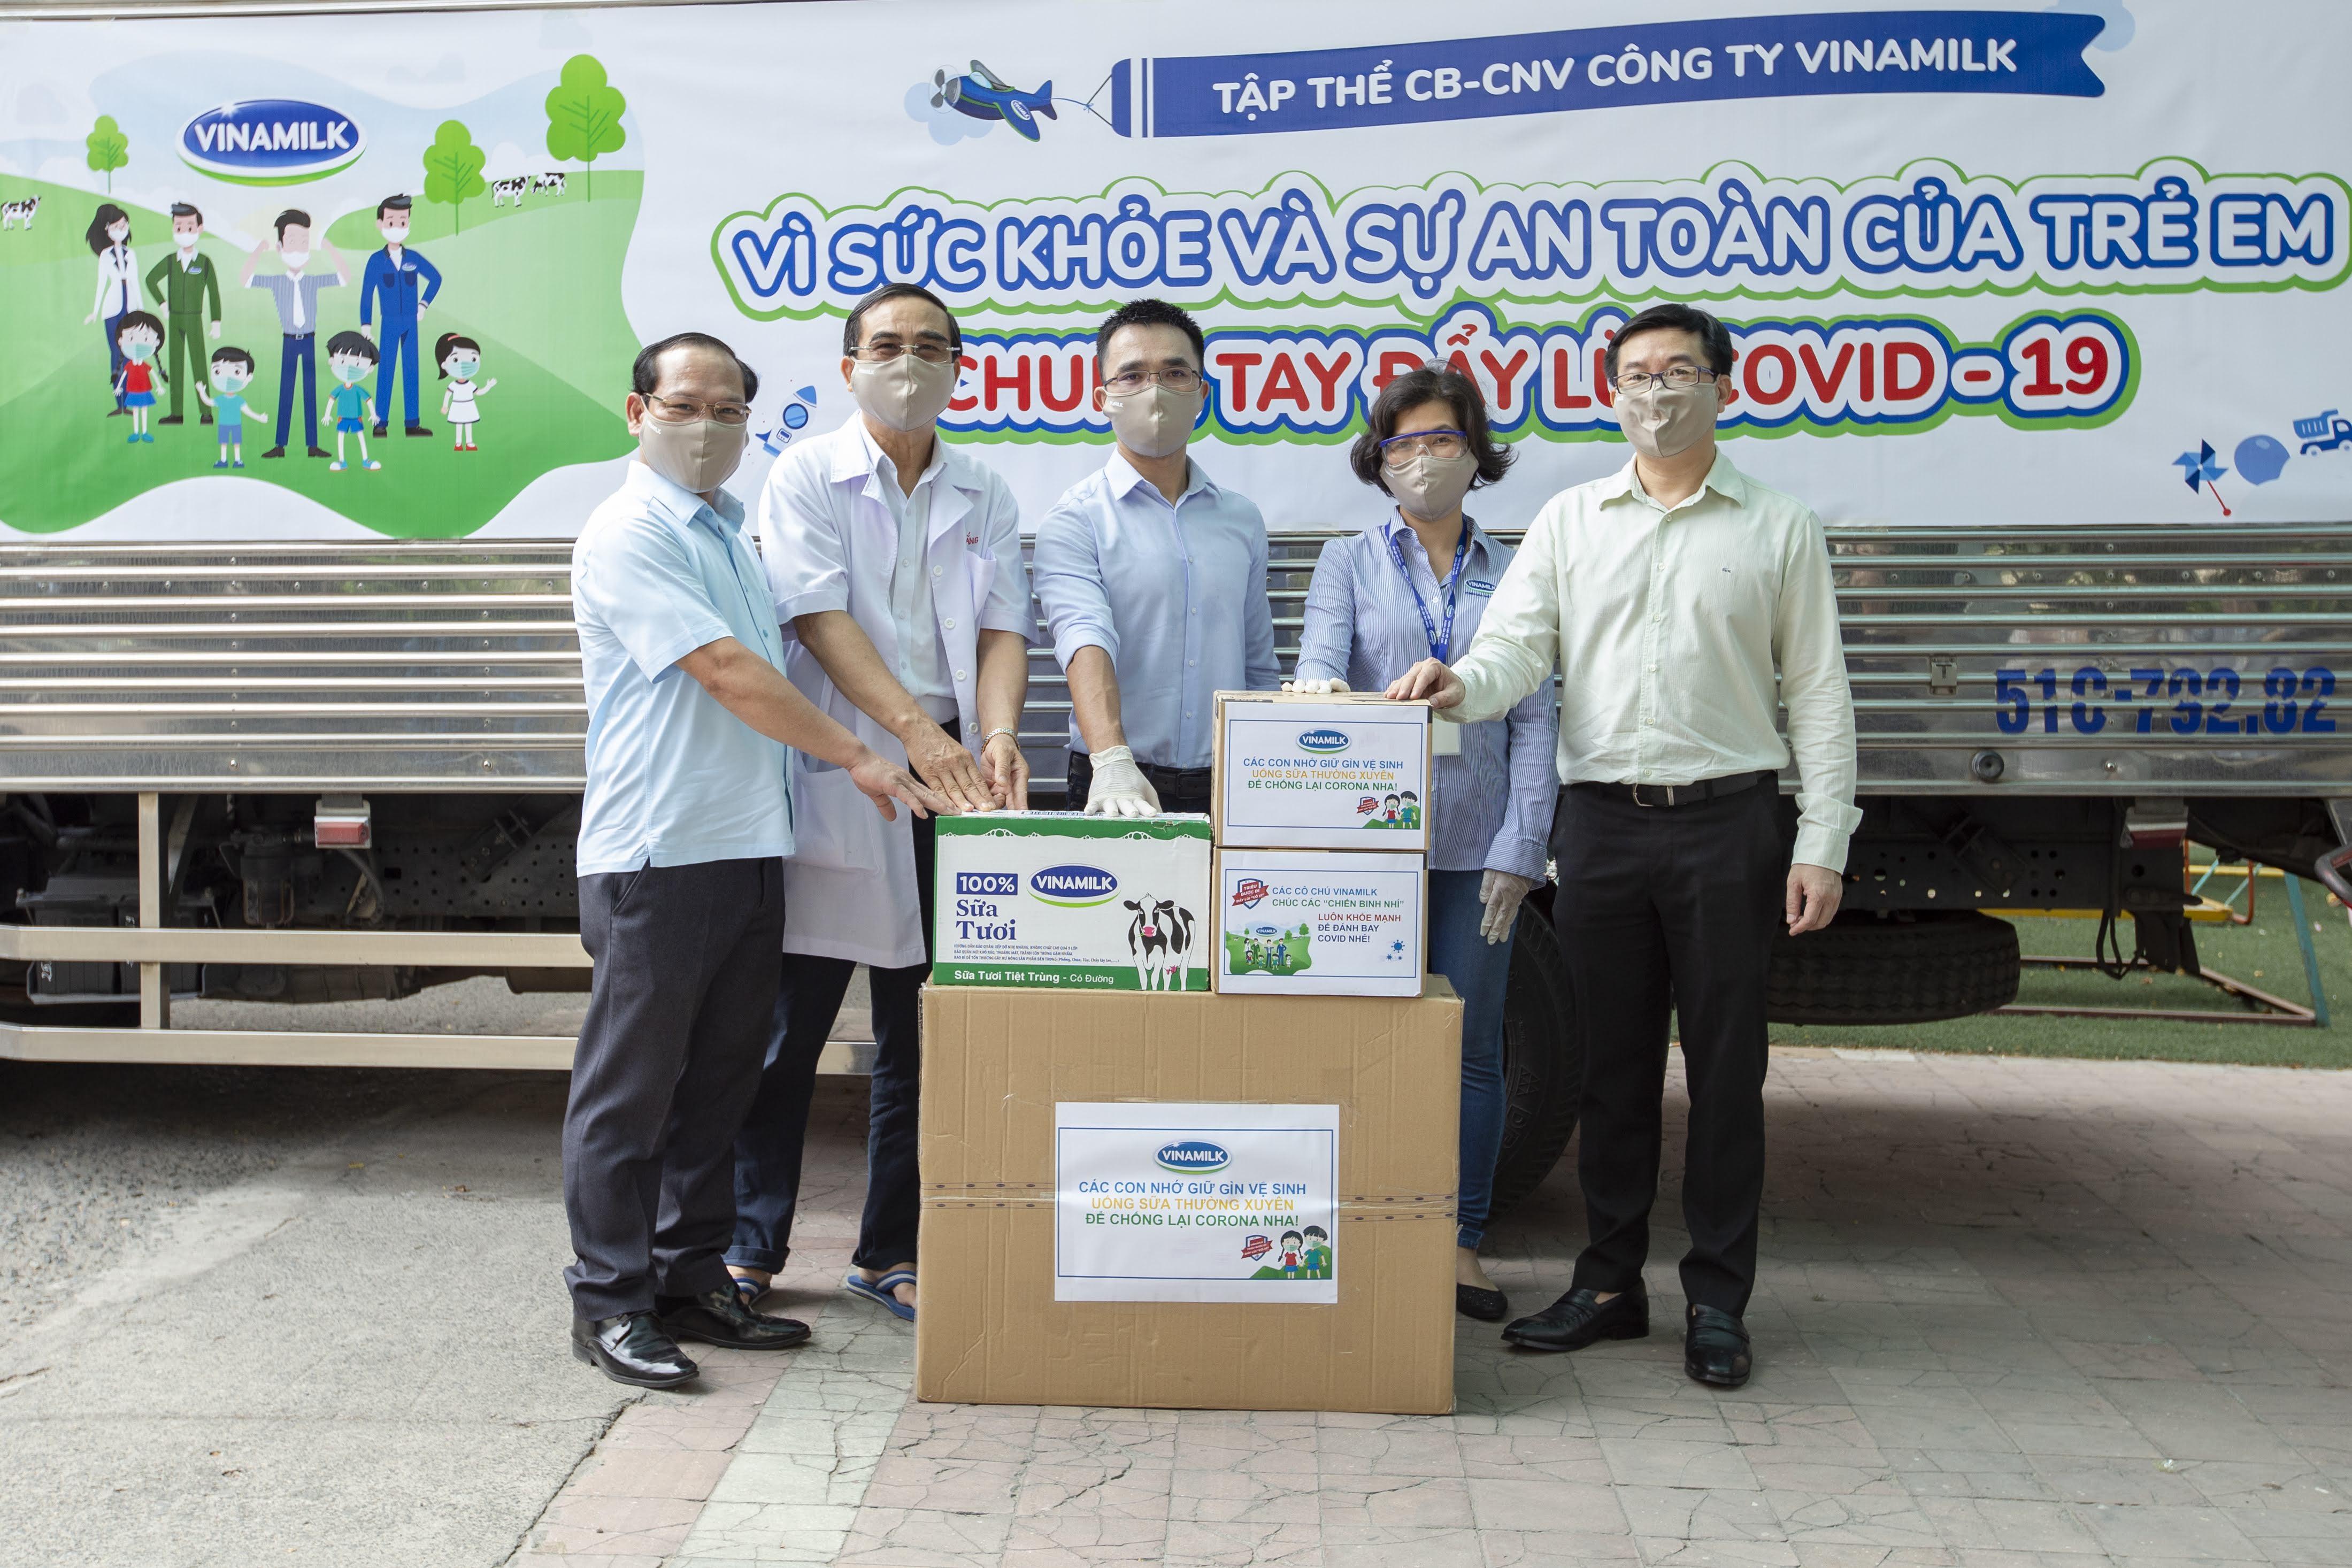 """Nhân viên Vinamilk """"góp bước đi"""" để gây quỹ giúp gần 6.000 trẻ em khó khăn phòng ngừa COVID-19  - Ảnh 1"""